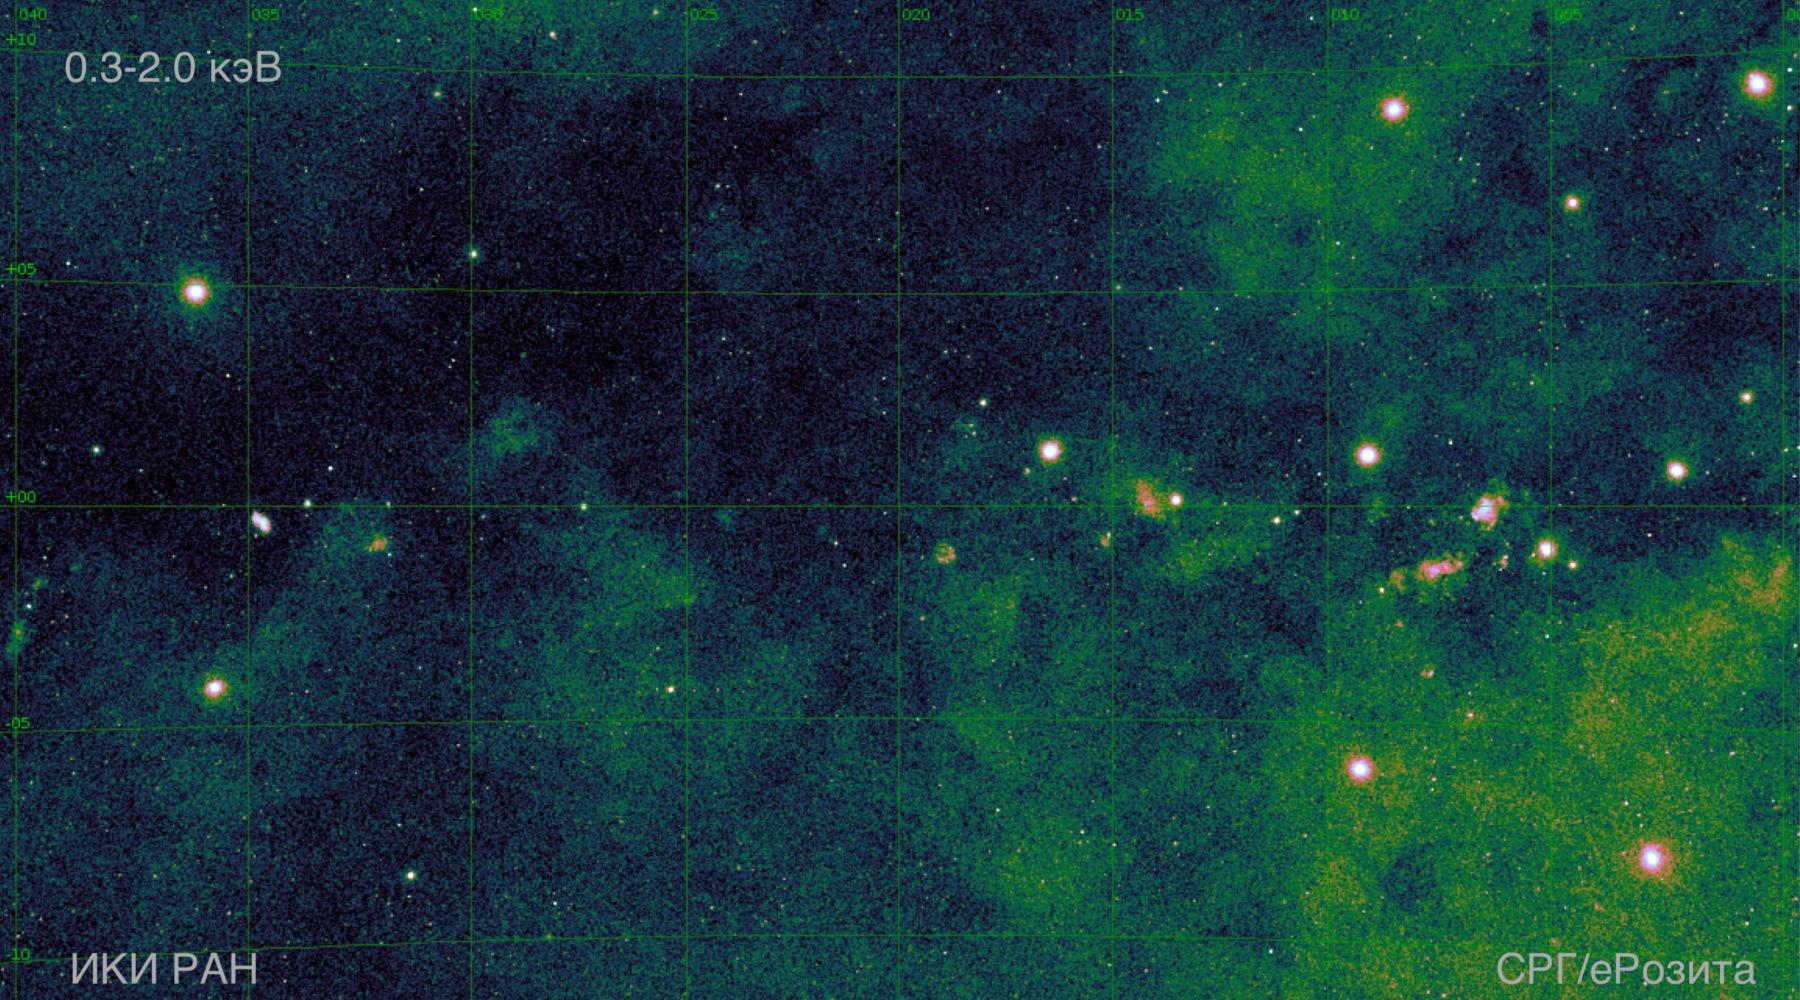 Spektr-RG_eROSITA_0.3-2.0keV_IKI-RAN_2020-06-12_m.png.0430908331befc4a167b73d532197b58.png